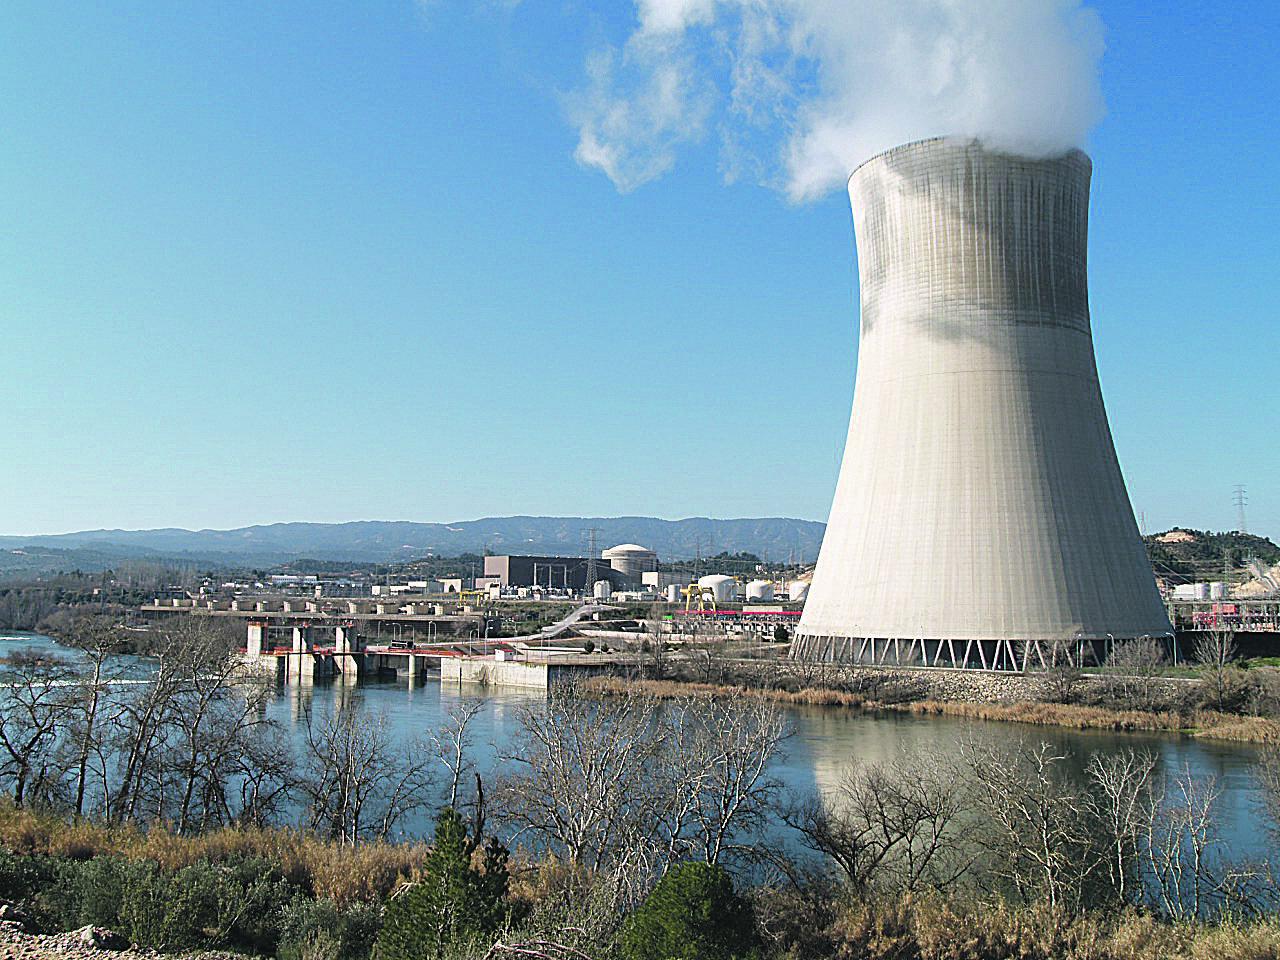 Els dos reactors nuclears d'Ascó, refrigerats amb aigua de l'Ebre